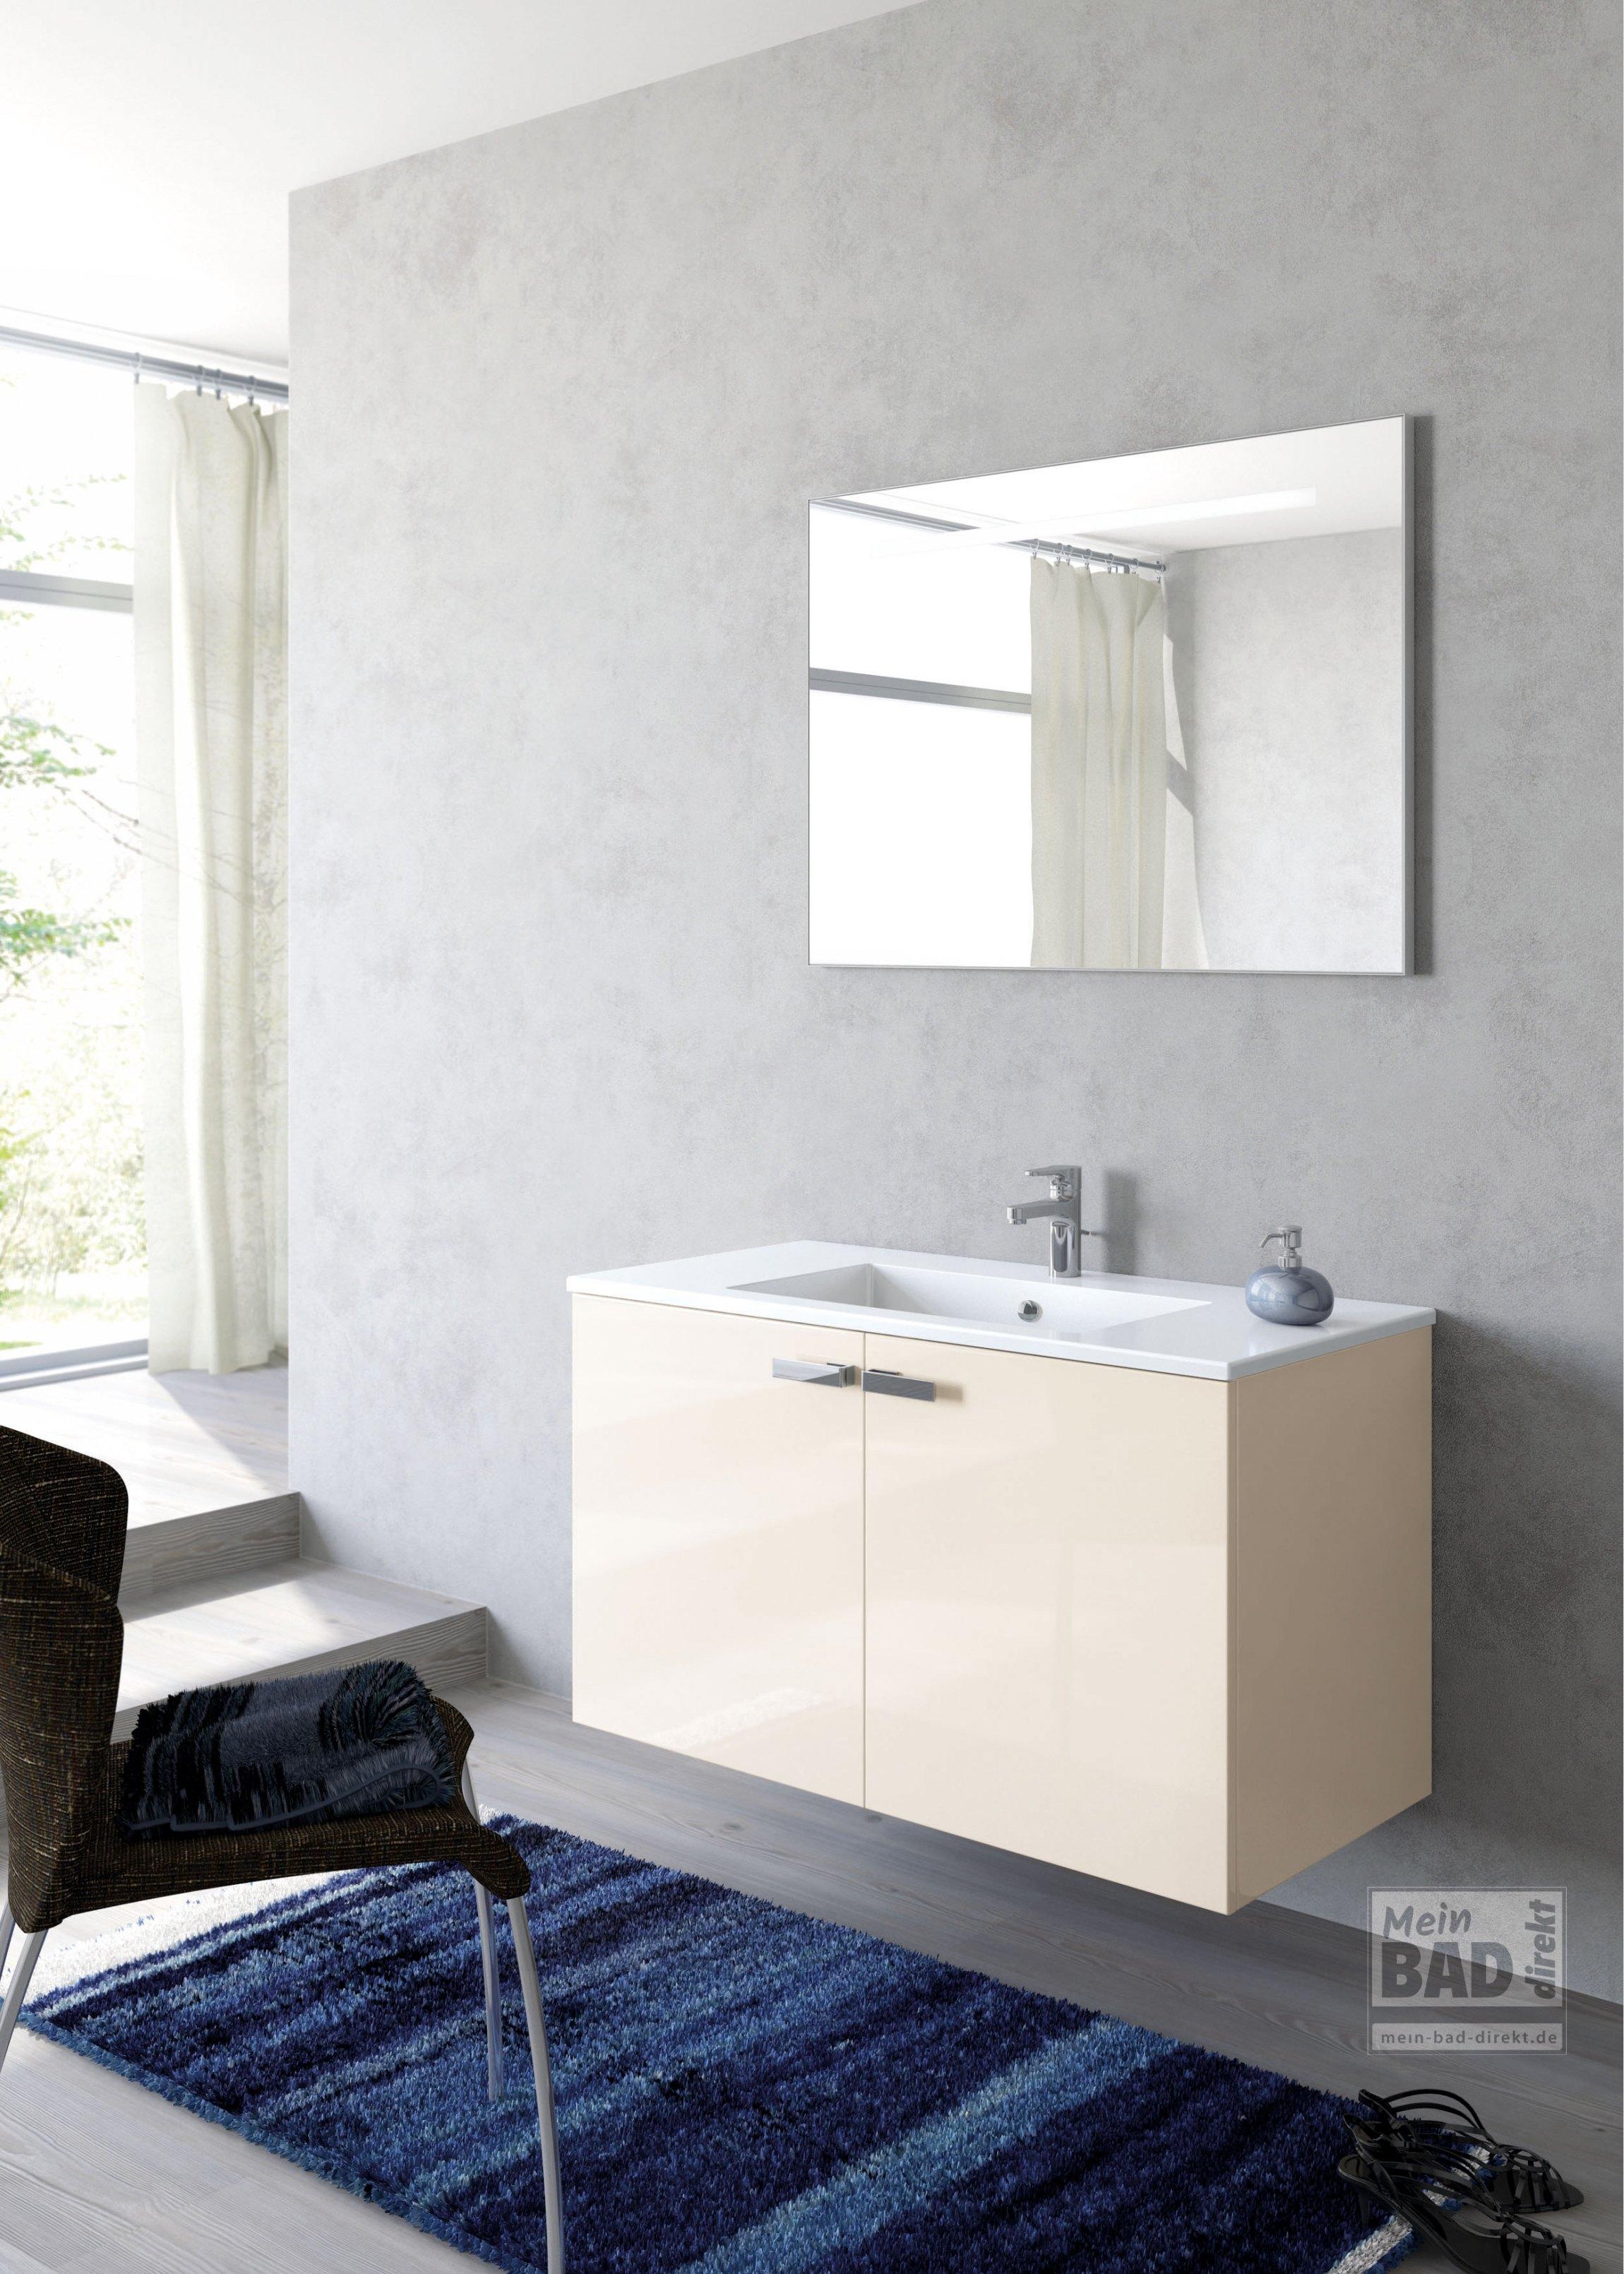 e 5 mittelpunkt des modernen reduzierten badezimmers mein bad direkt. Black Bedroom Furniture Sets. Home Design Ideas